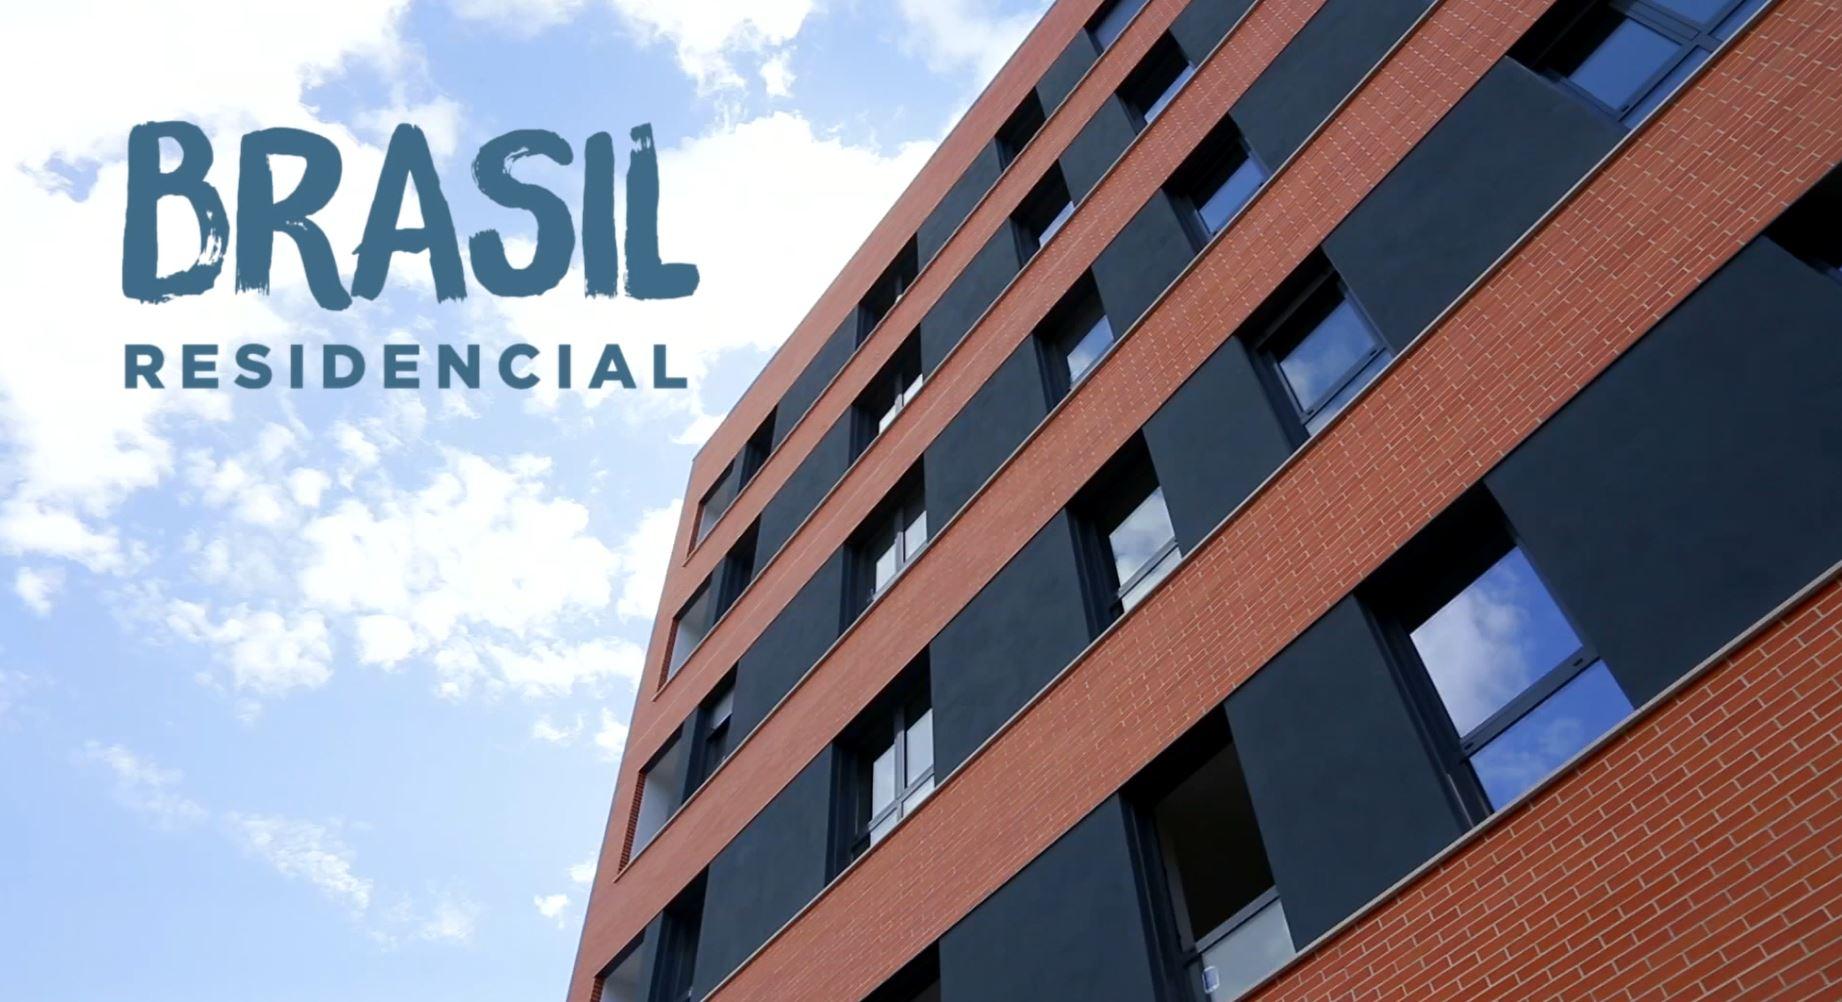 Vídeo: Brasil Residencial ya es una realidad